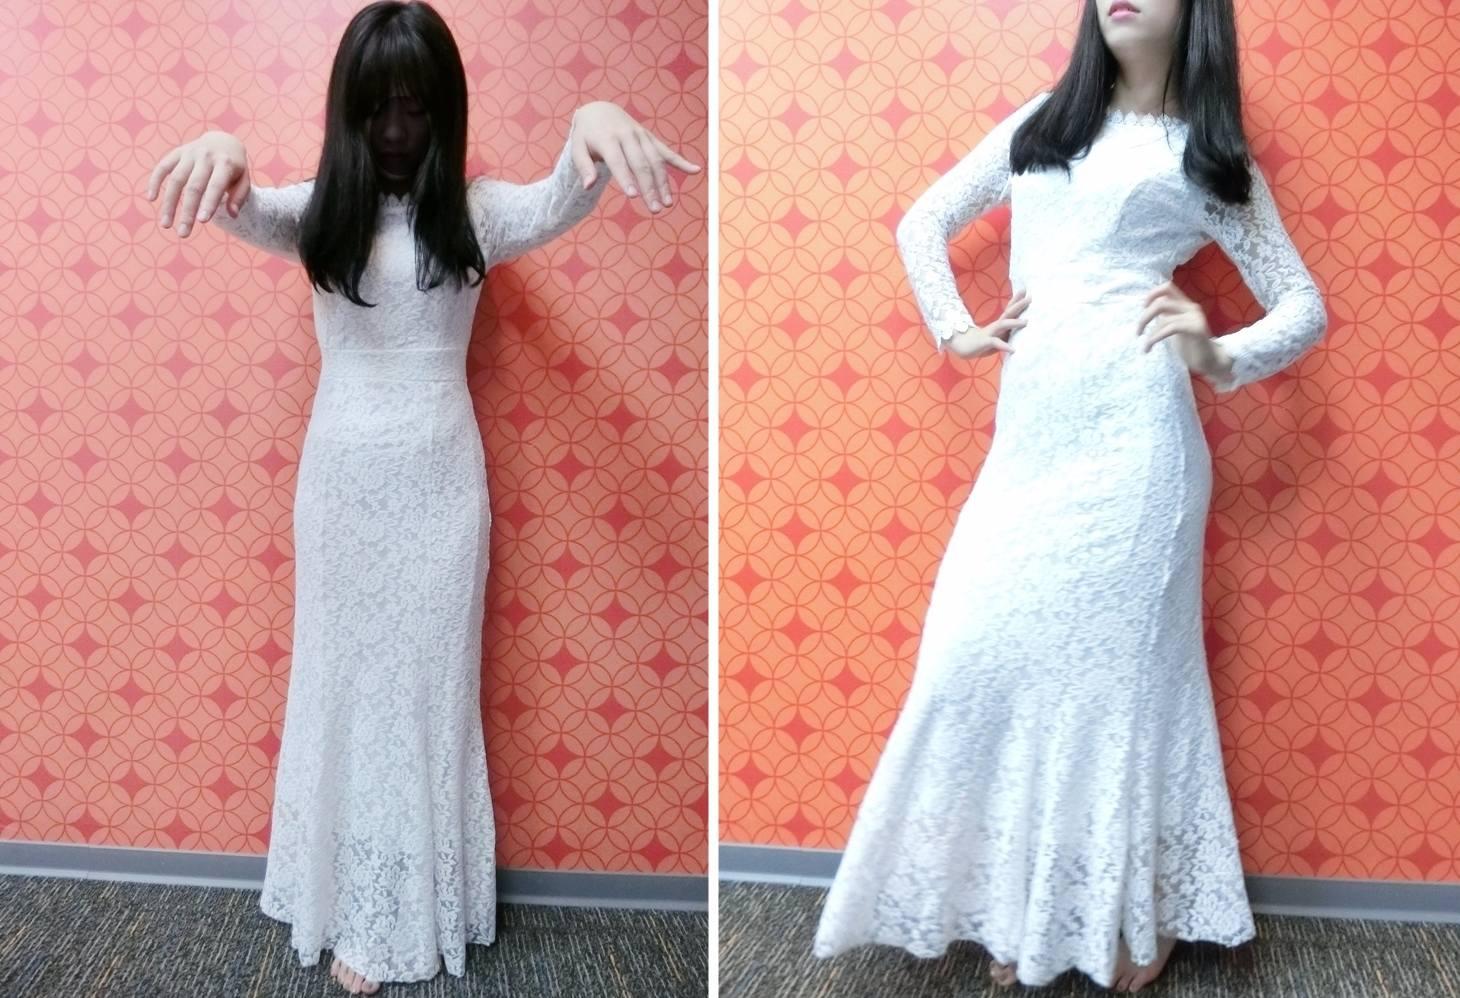 最後,看到這件婚紗時 歐膩跟P小編真的......都....笑了出來.....XD 所以.........抱歉,先來個鬼新娘XD ...但它其實真的是一件很美的洋裝啦,收腰、魚尾下擺都很優雅